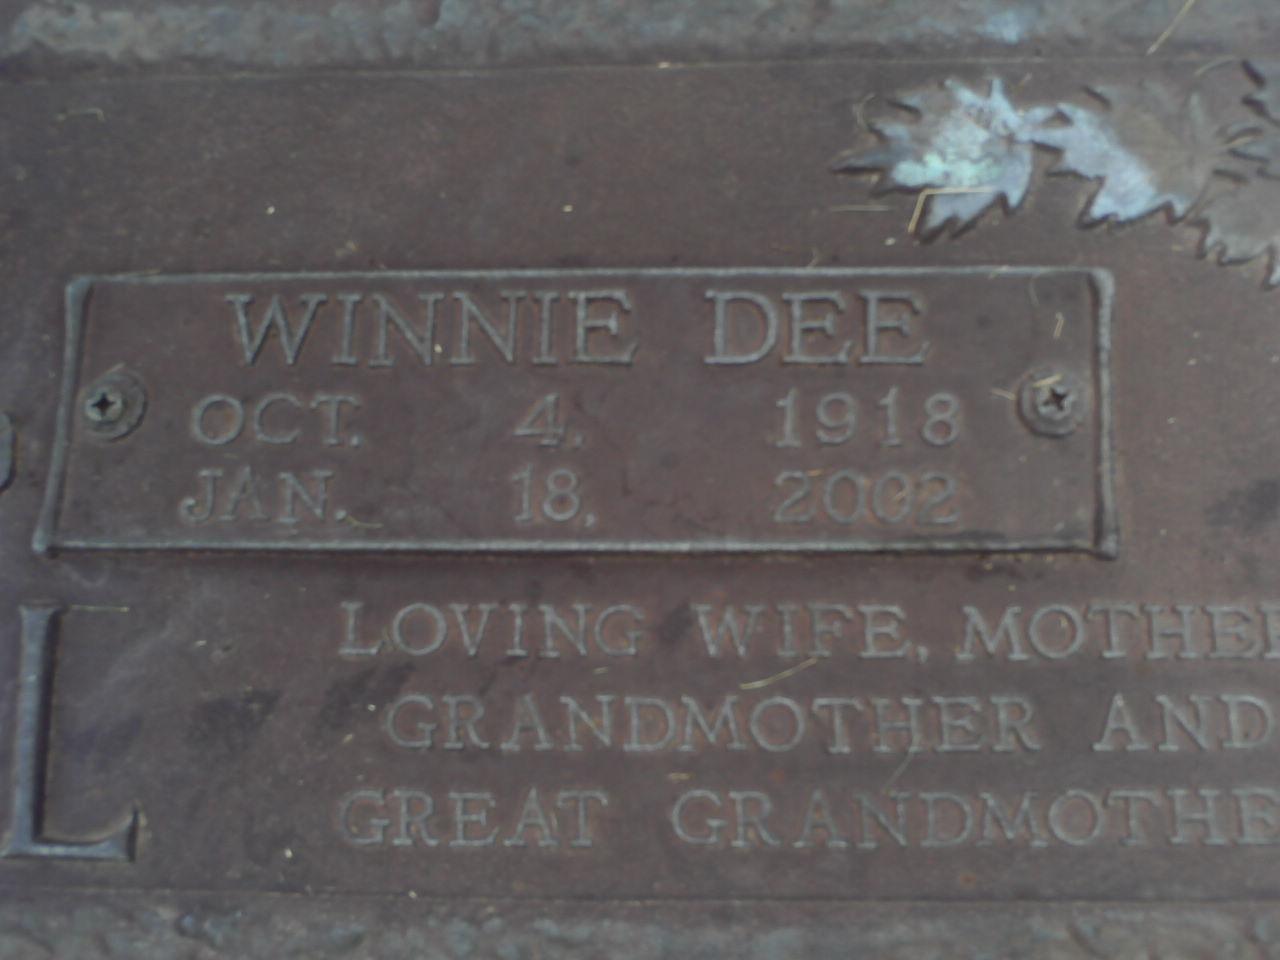 Winnie Dee Tidwell